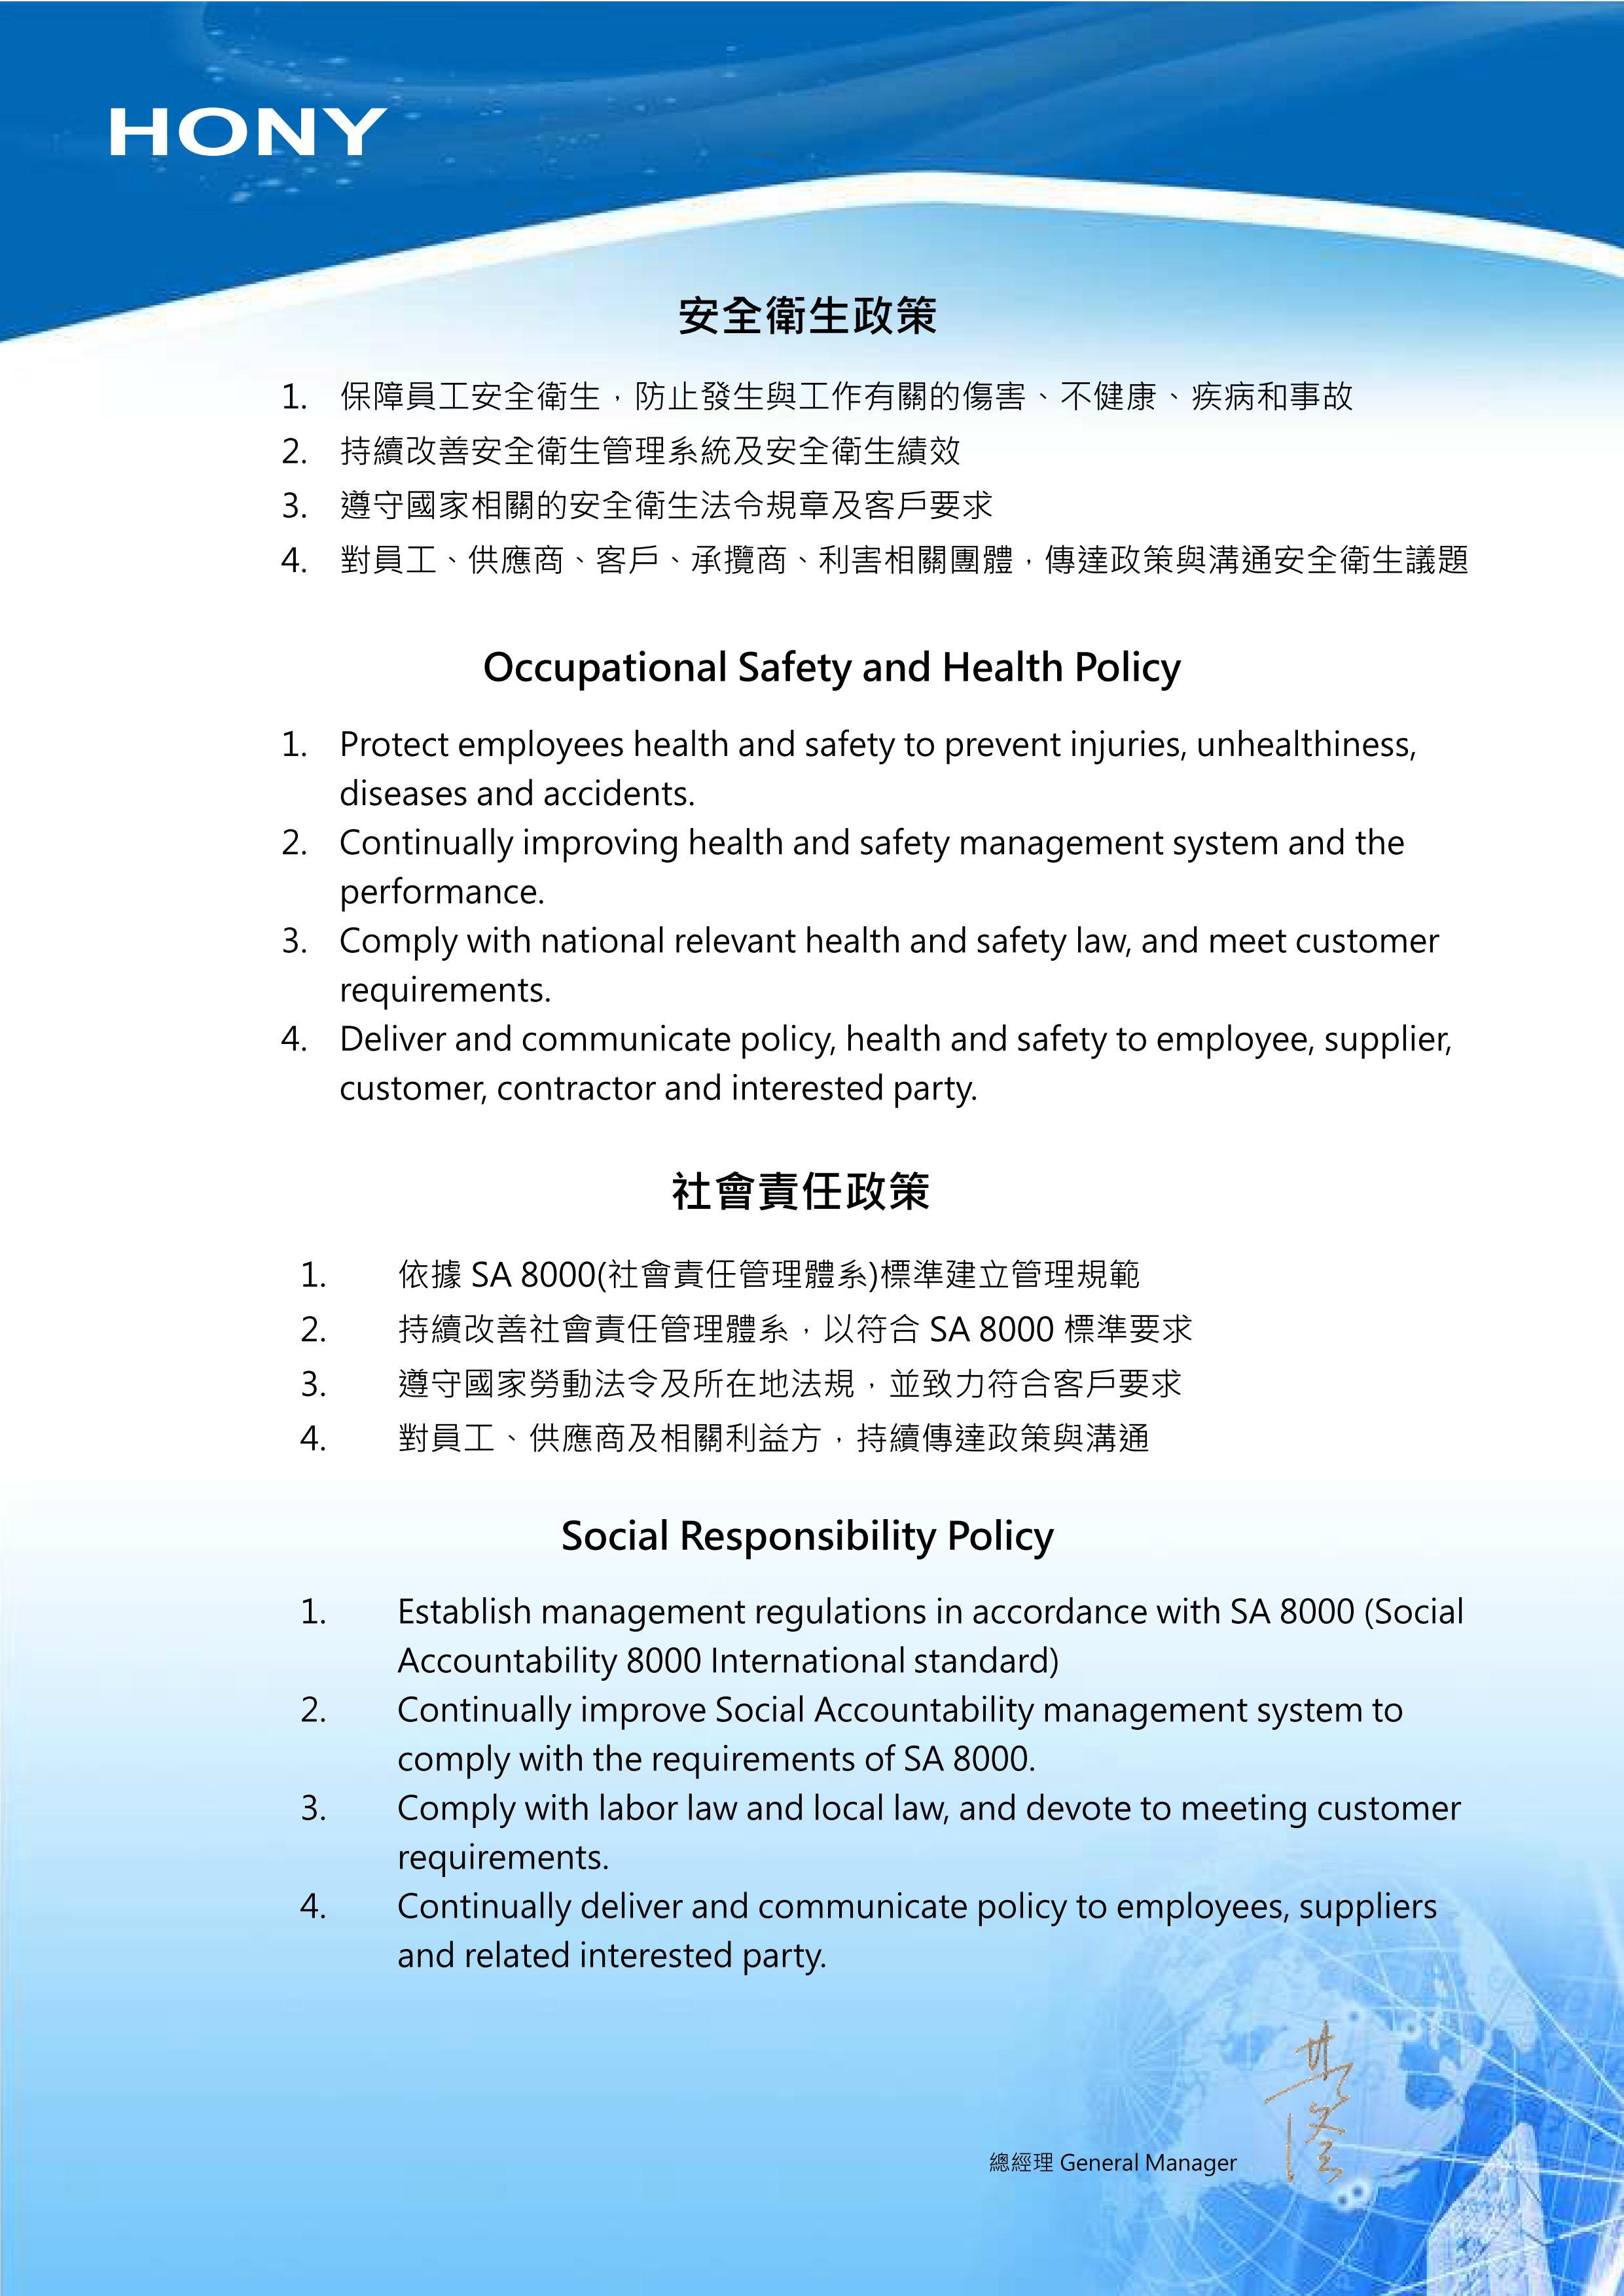 安全衛生及社會責任政策(中英版)_01.jpg